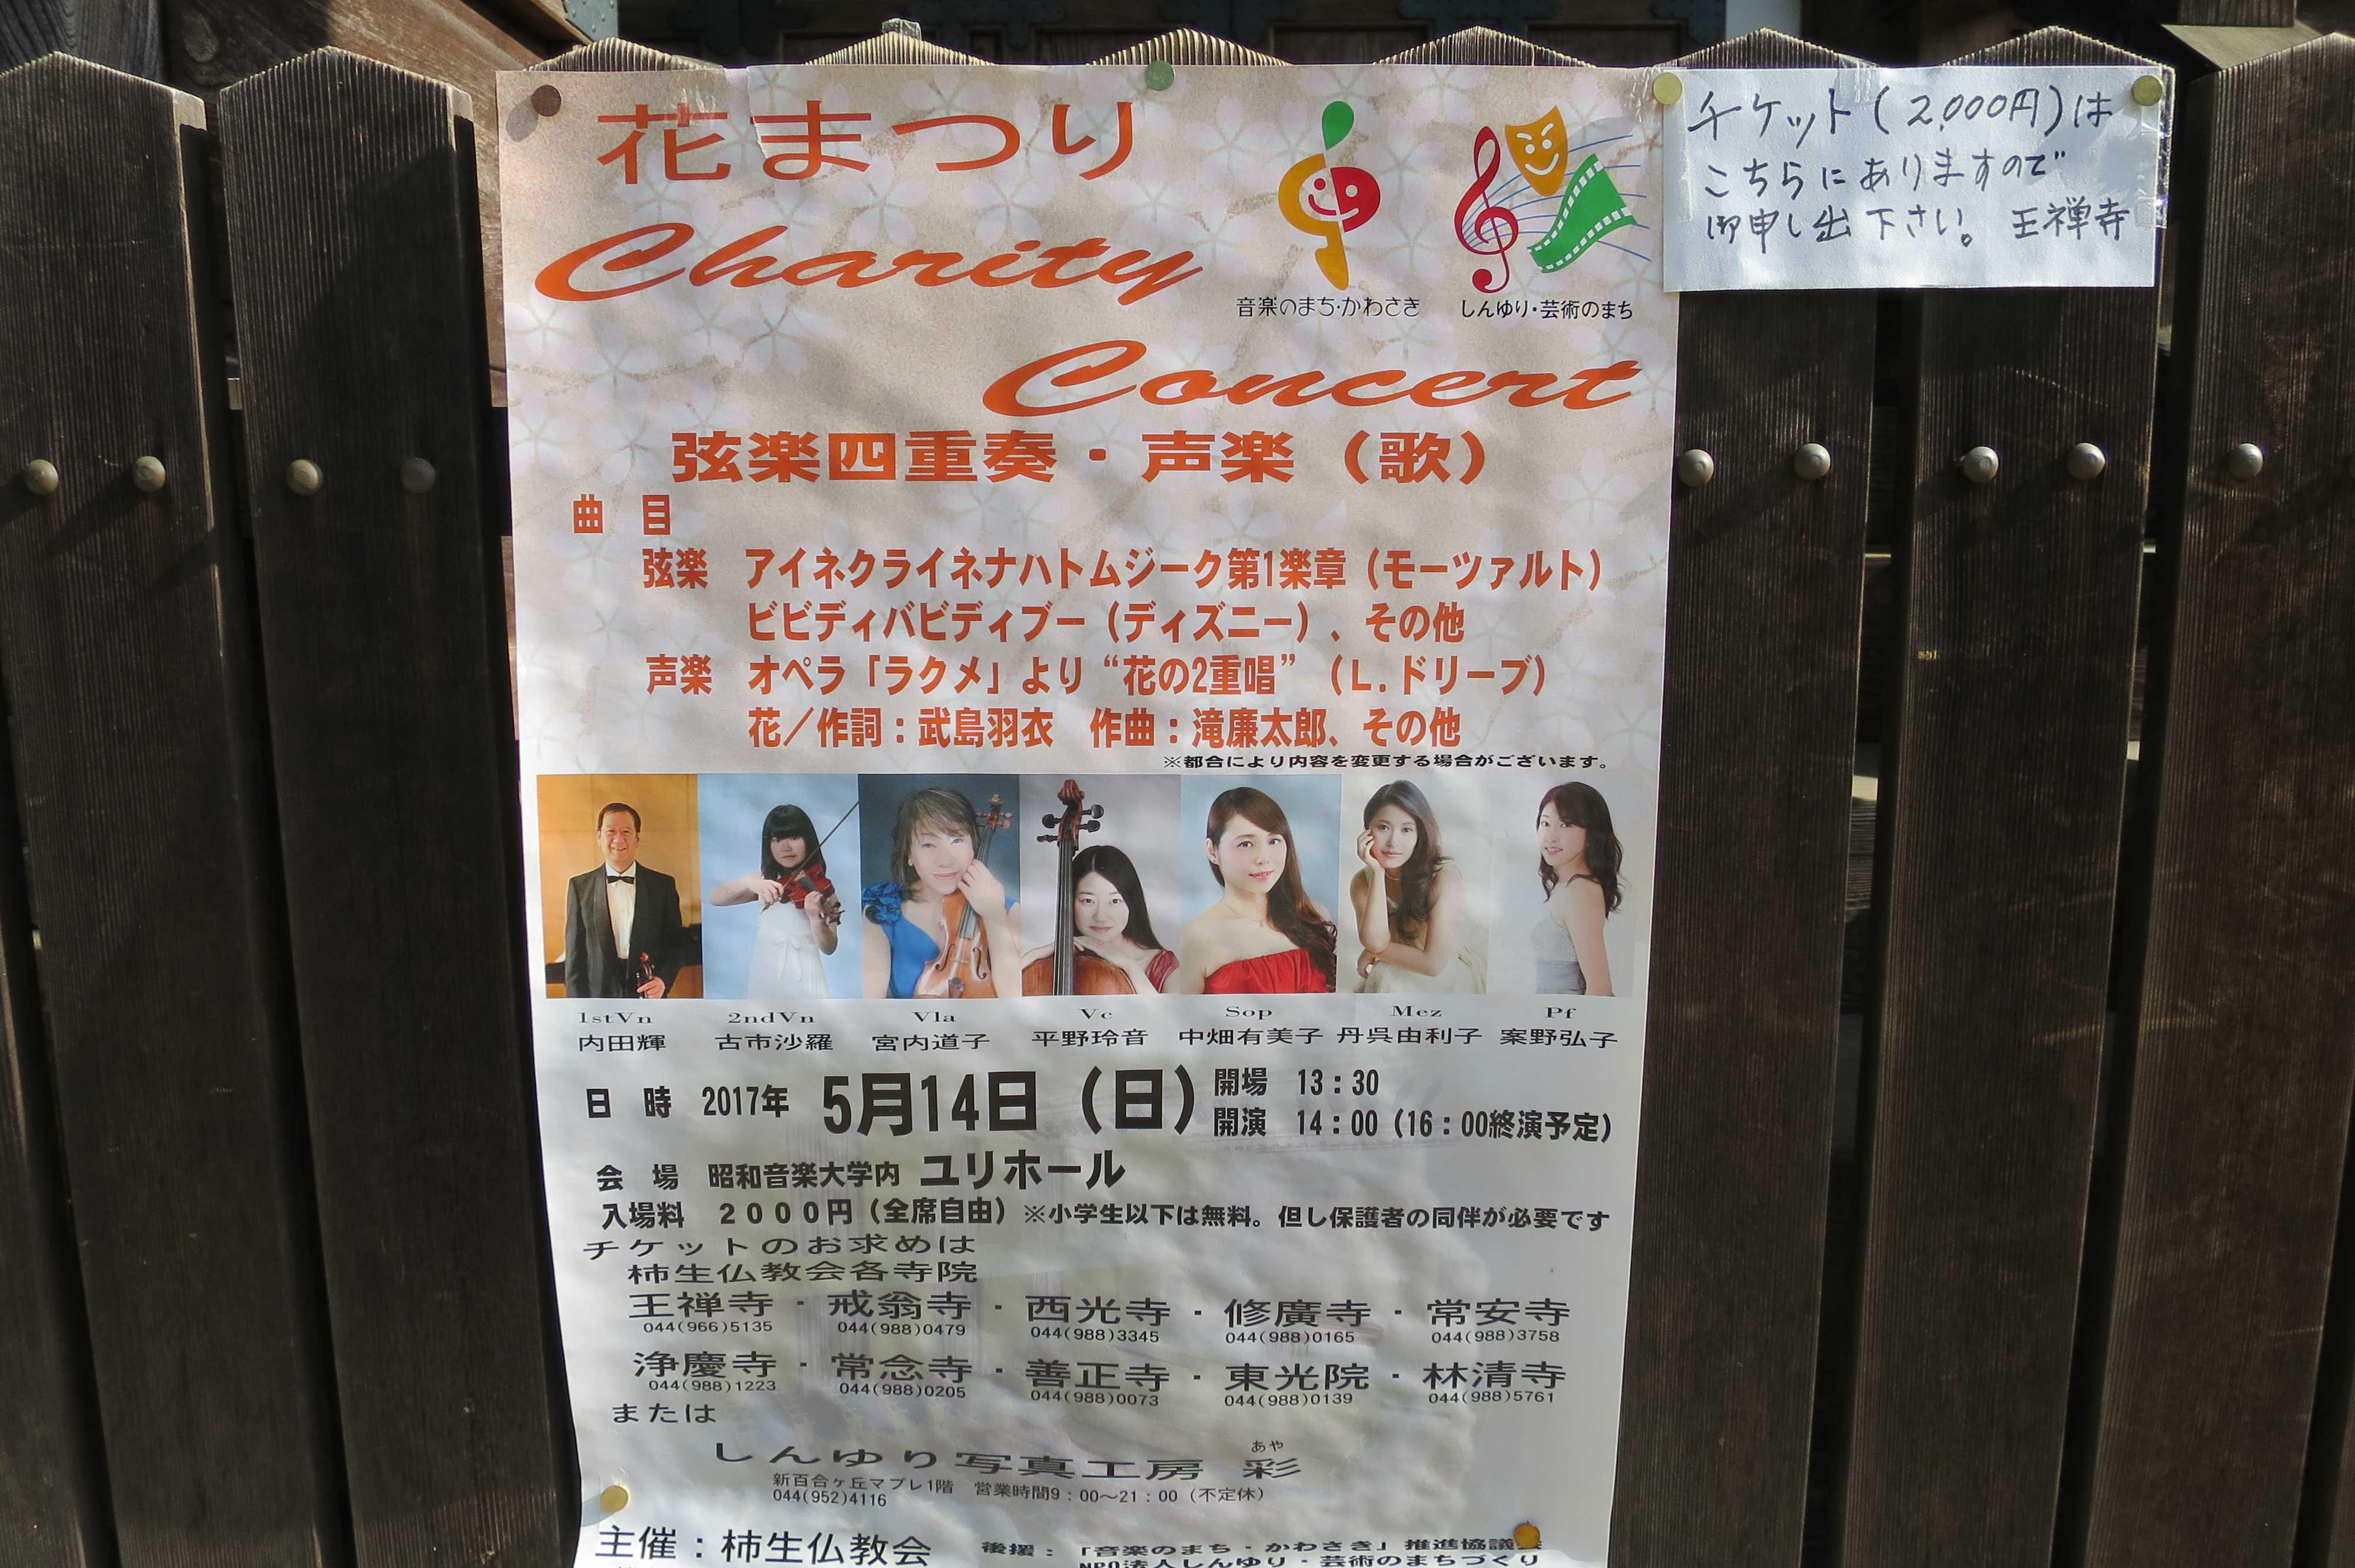 花まつり チャリティーコンサート - チケットのお求めは柿生仏教会各寺院